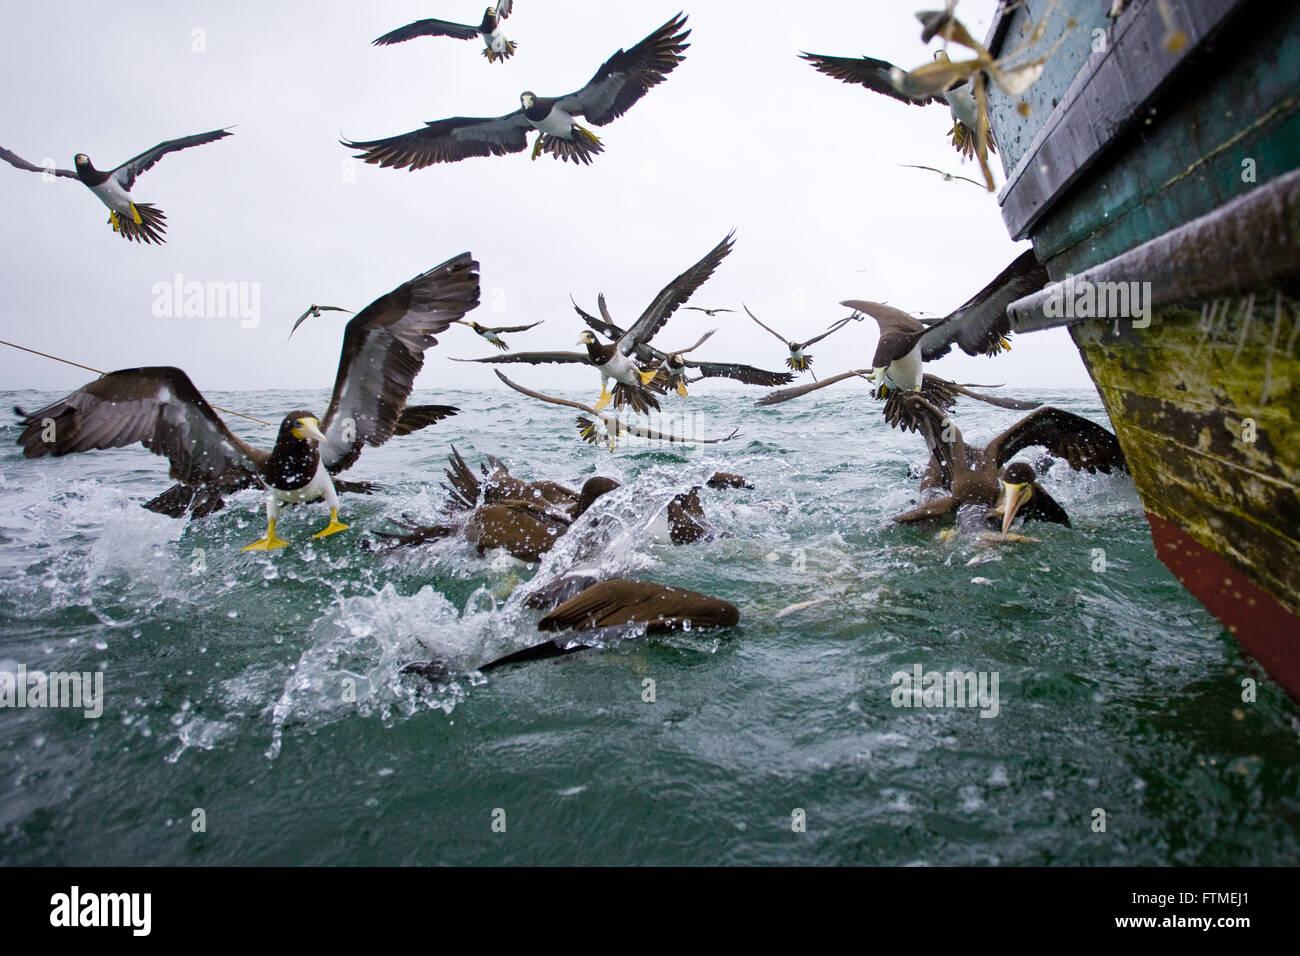 Alimentazione degli uccelli su scarti di praticare la pesca con reti a strascico del litorale di Santa Catarina Immagini Stock